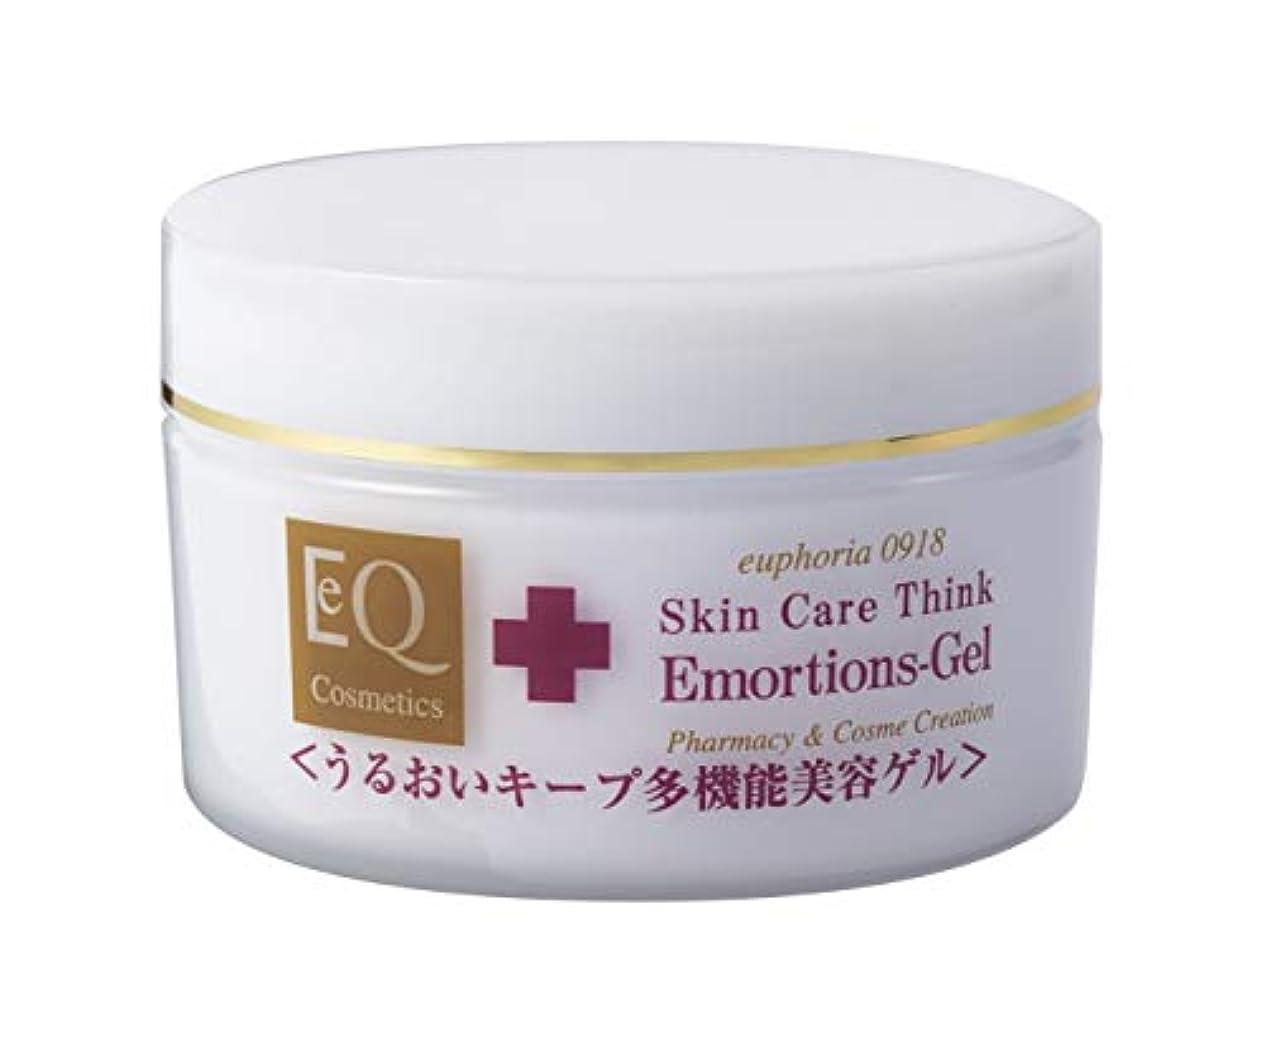 損失緩む広告EQ Cosmetics (イーキューコスメティクス) スキンケアシンク モルションズゲルEXモイスチャー うるおいキープ多機能美容ゲル 80g お試し用ホイップ4gセット